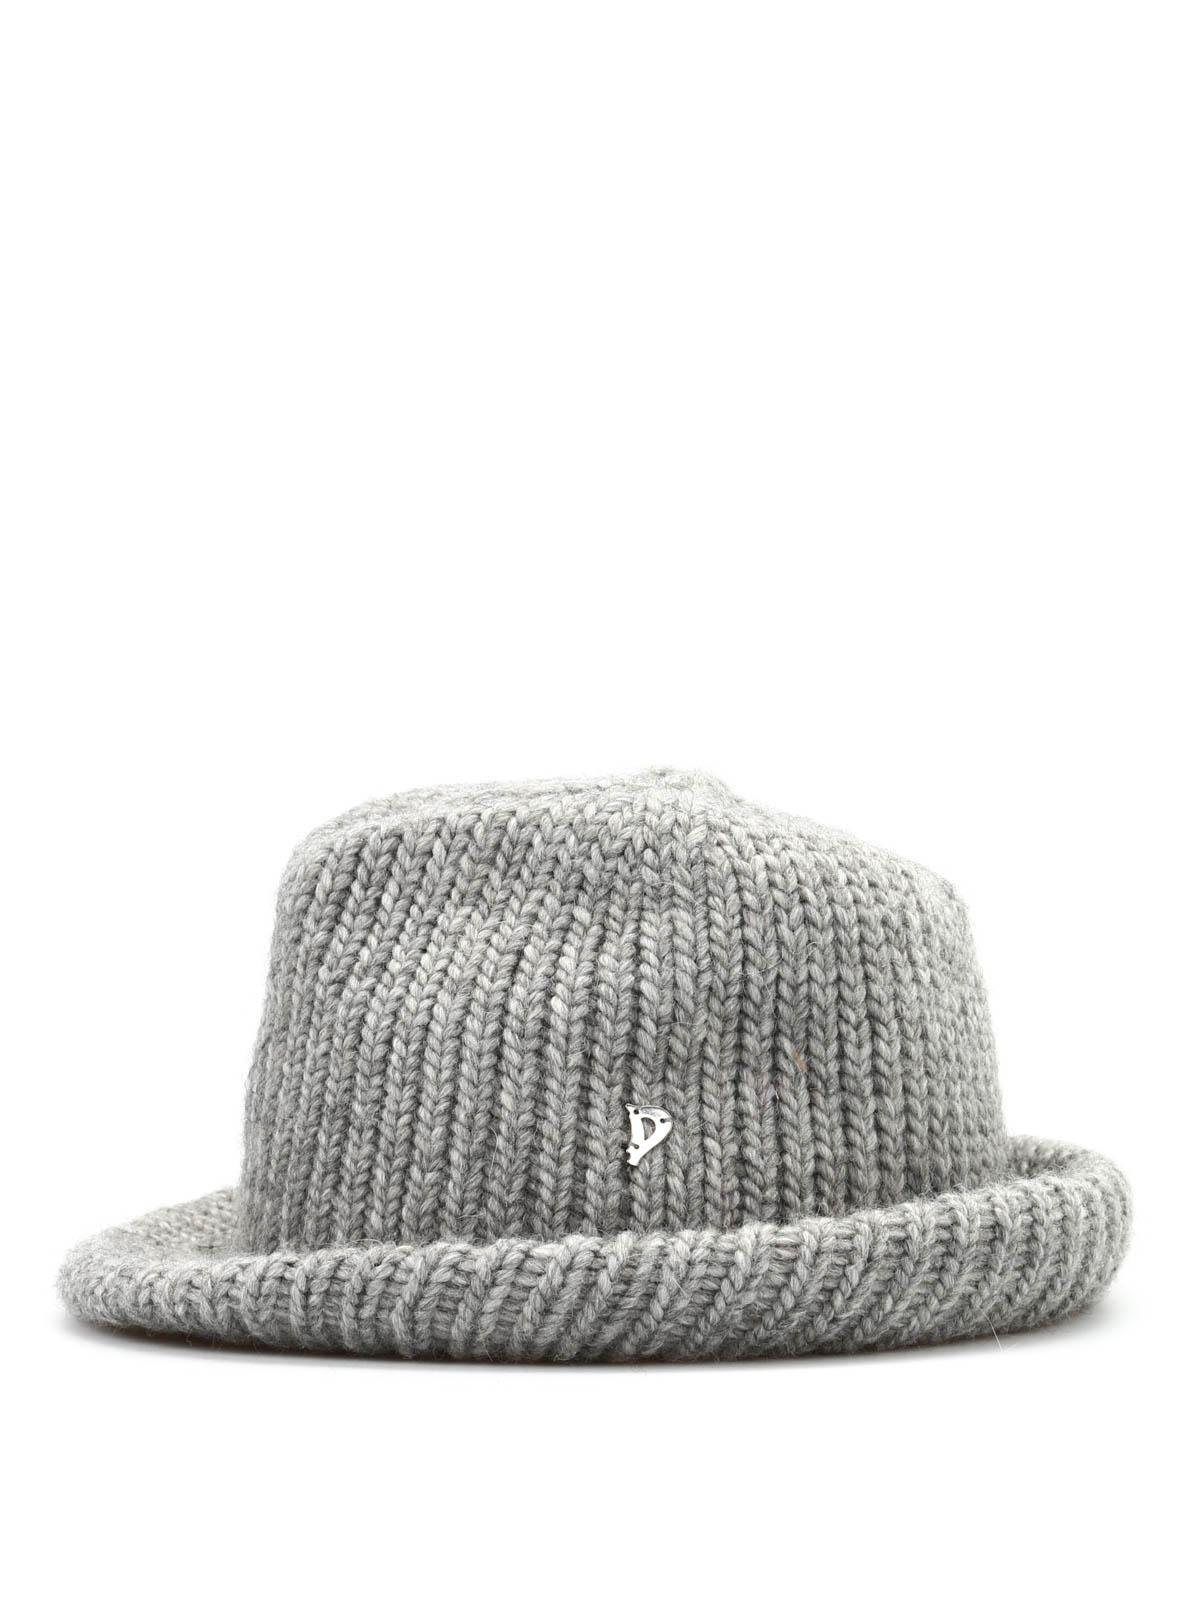 comprando ora bel design moda Dondup - Cappello Febe a maglia - cappelli - WQ039 Y482D XXX 902